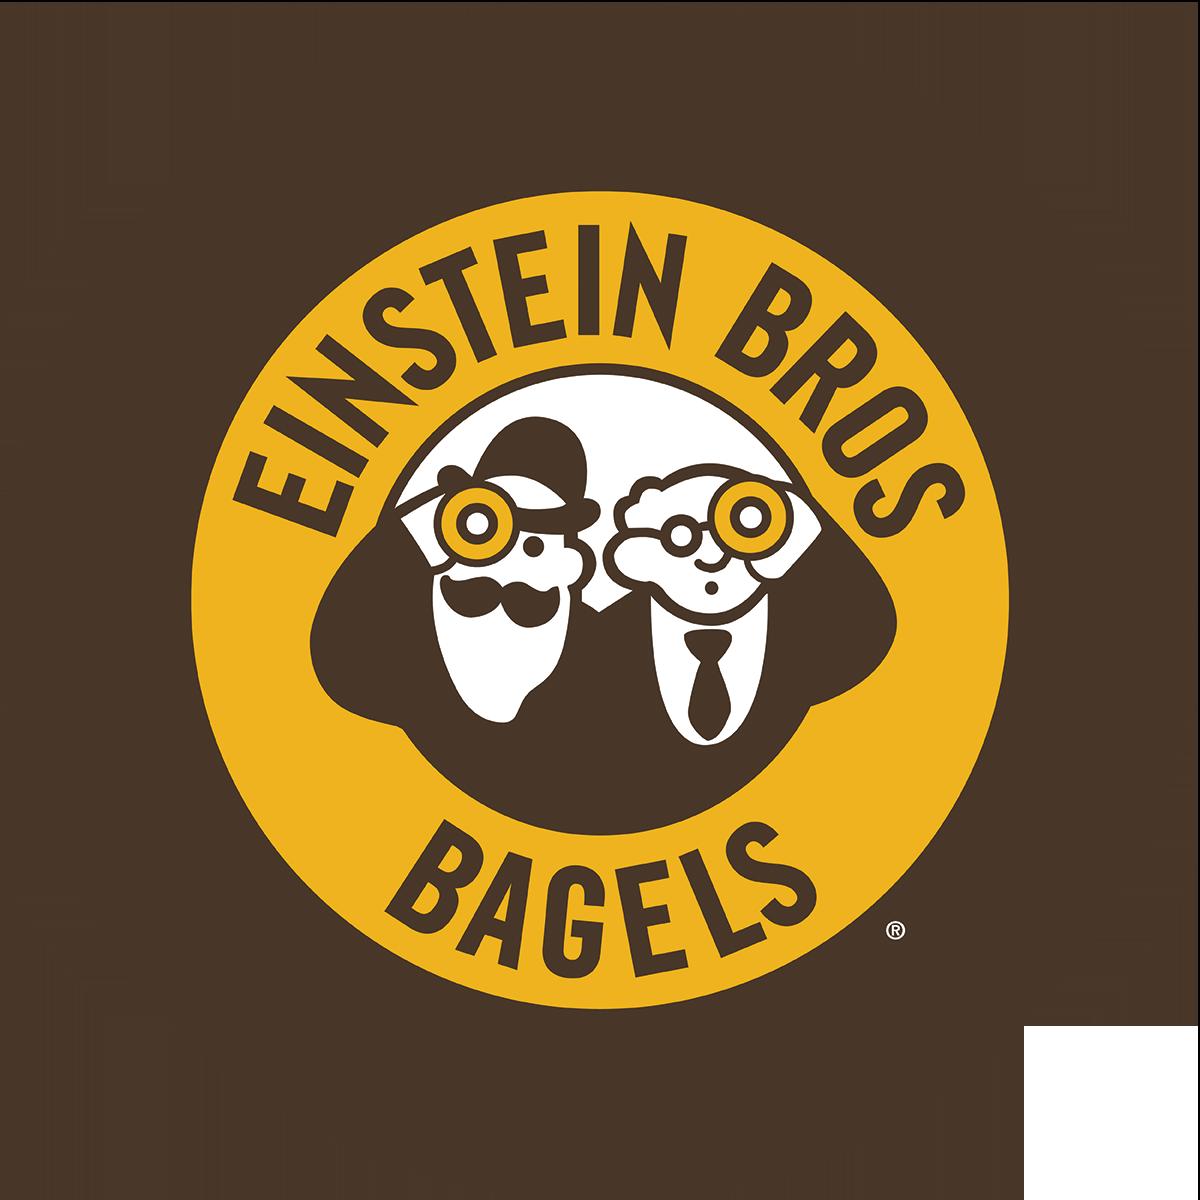 Einstein Bros  Grand Valley State University | Bagels